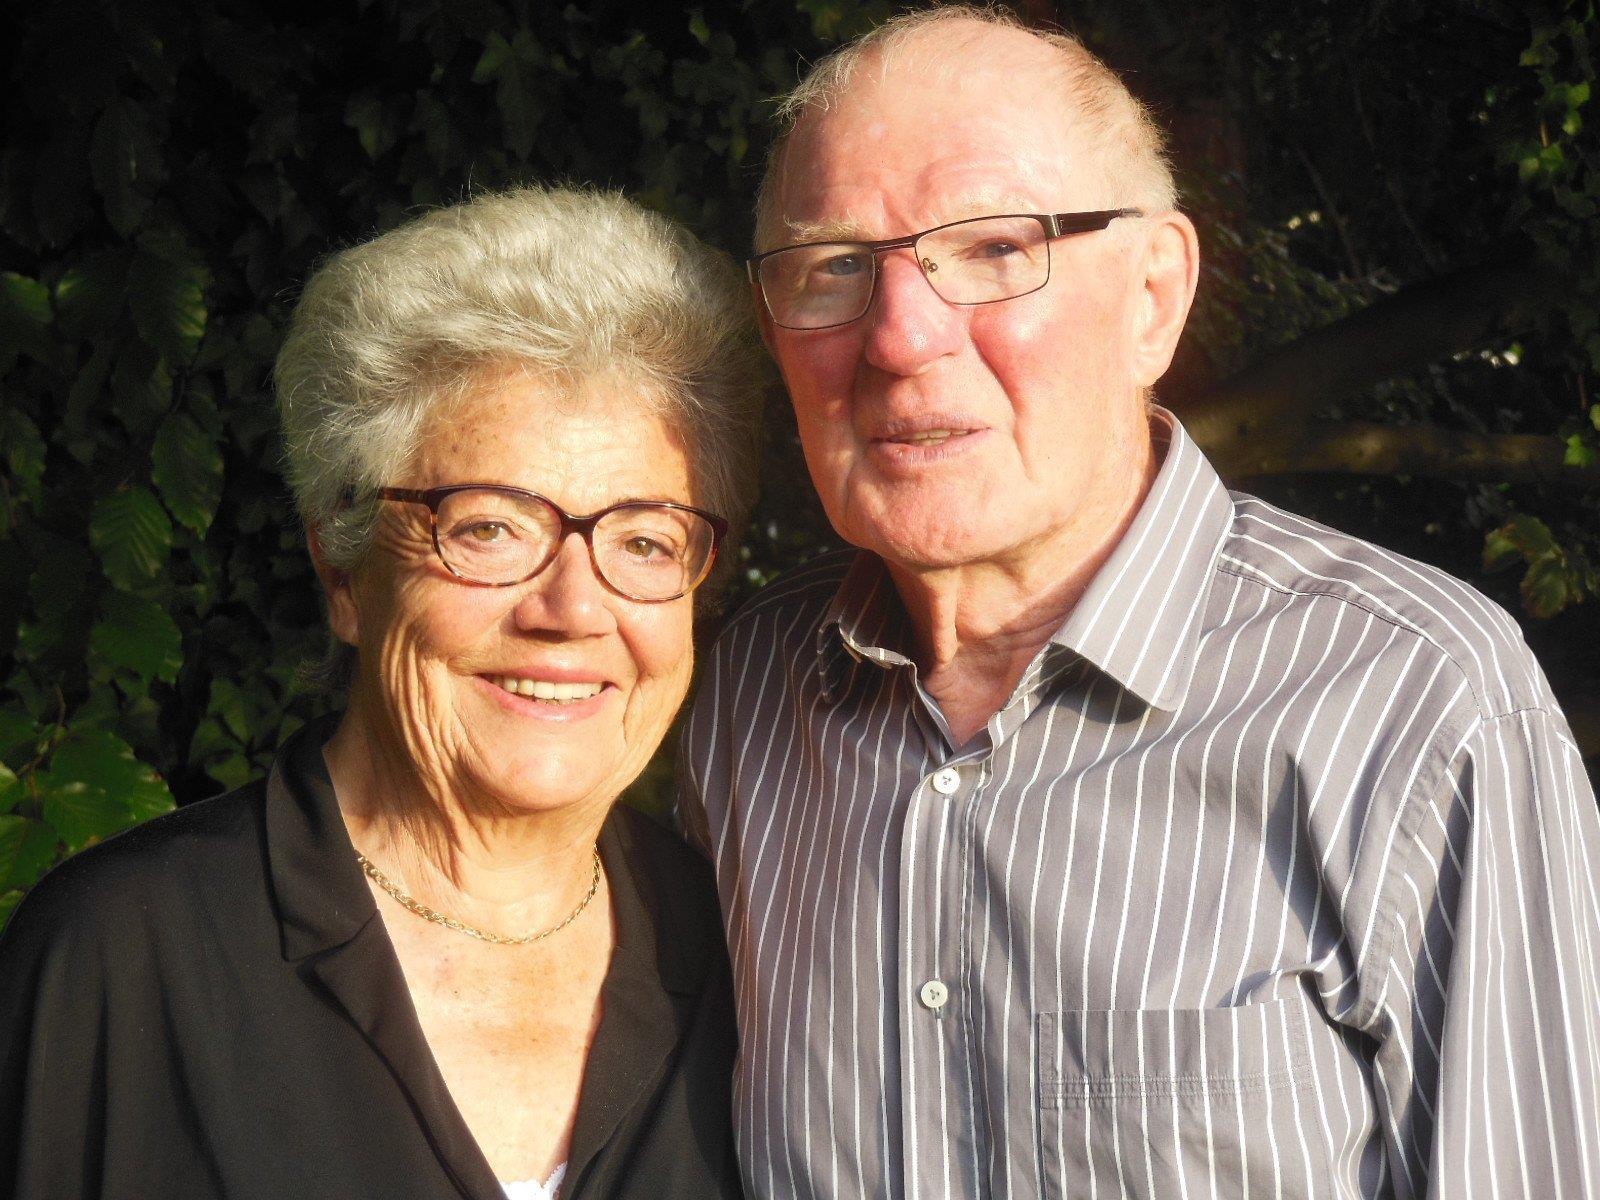 Die diamantene Hochzeit feierten Edith und Dr. Edwin Schöch im Gasthaus Mohren mit der Familie.